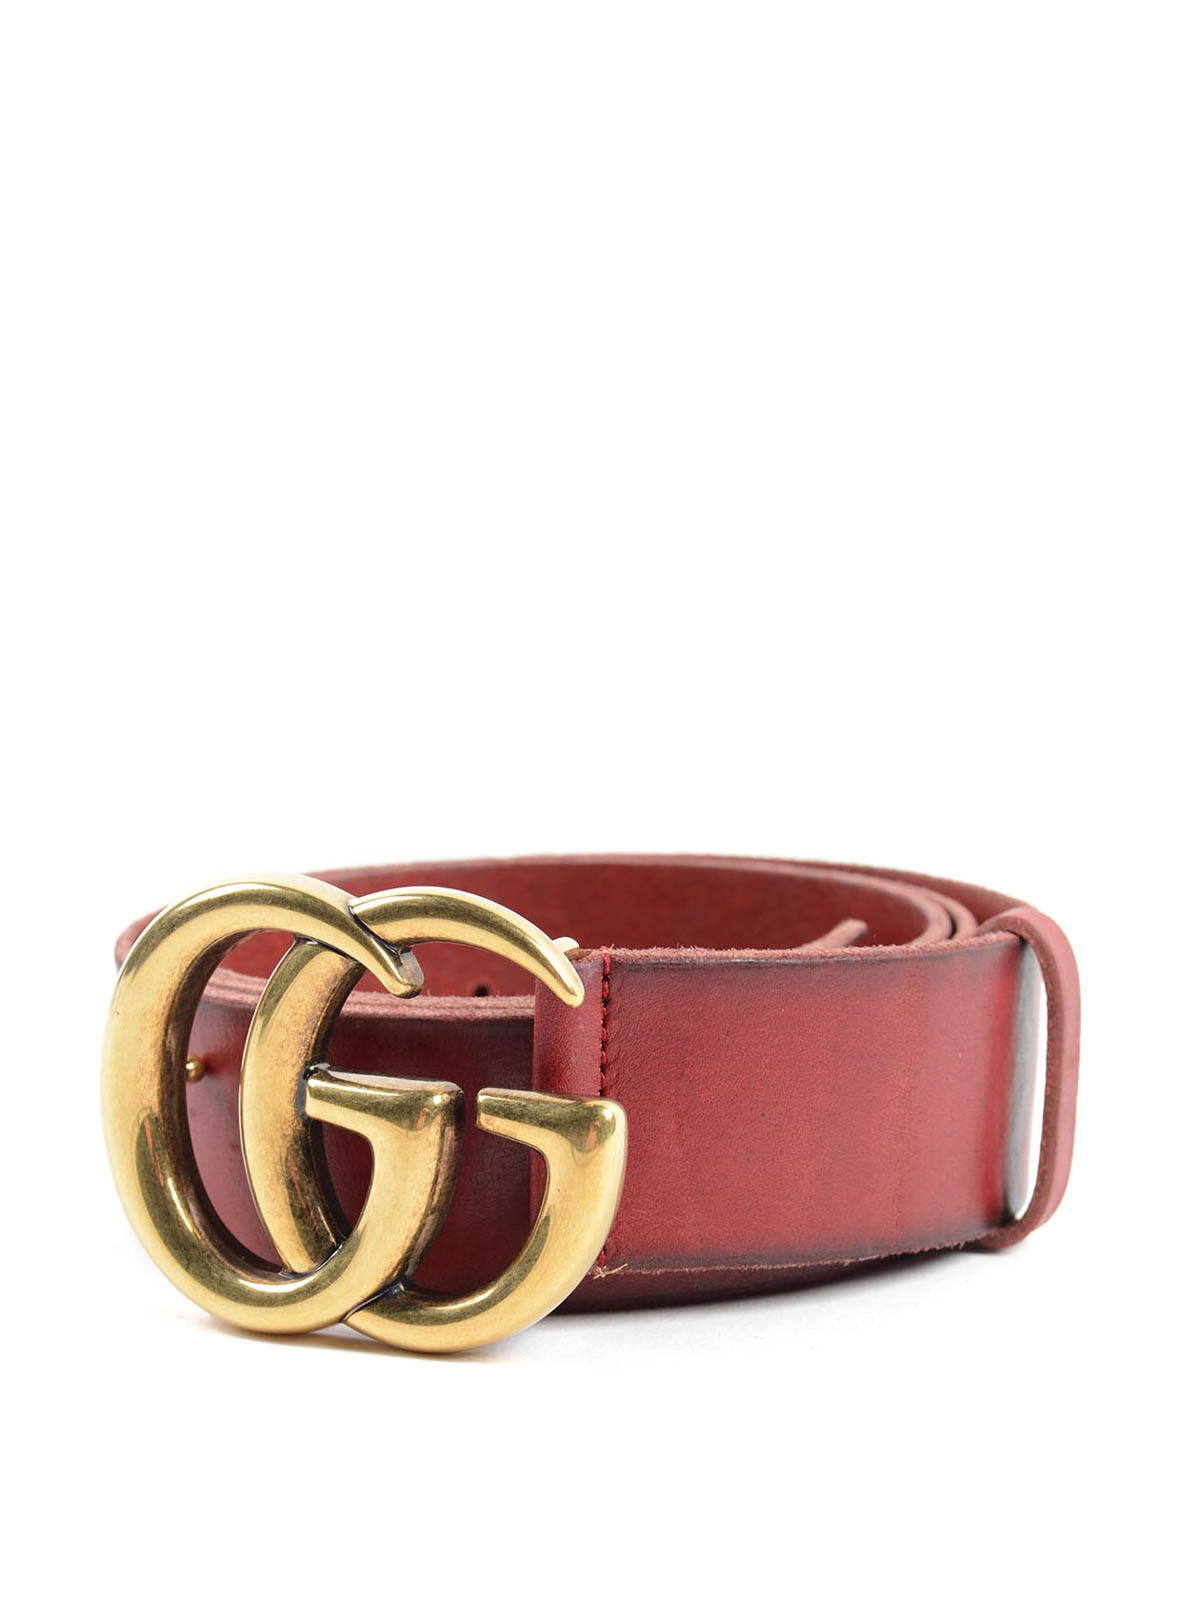 0038b1128d7e6 Gucci cinturones online cinturón rojo para hombre jpg 1200x1600 Chico gucci  cinturones